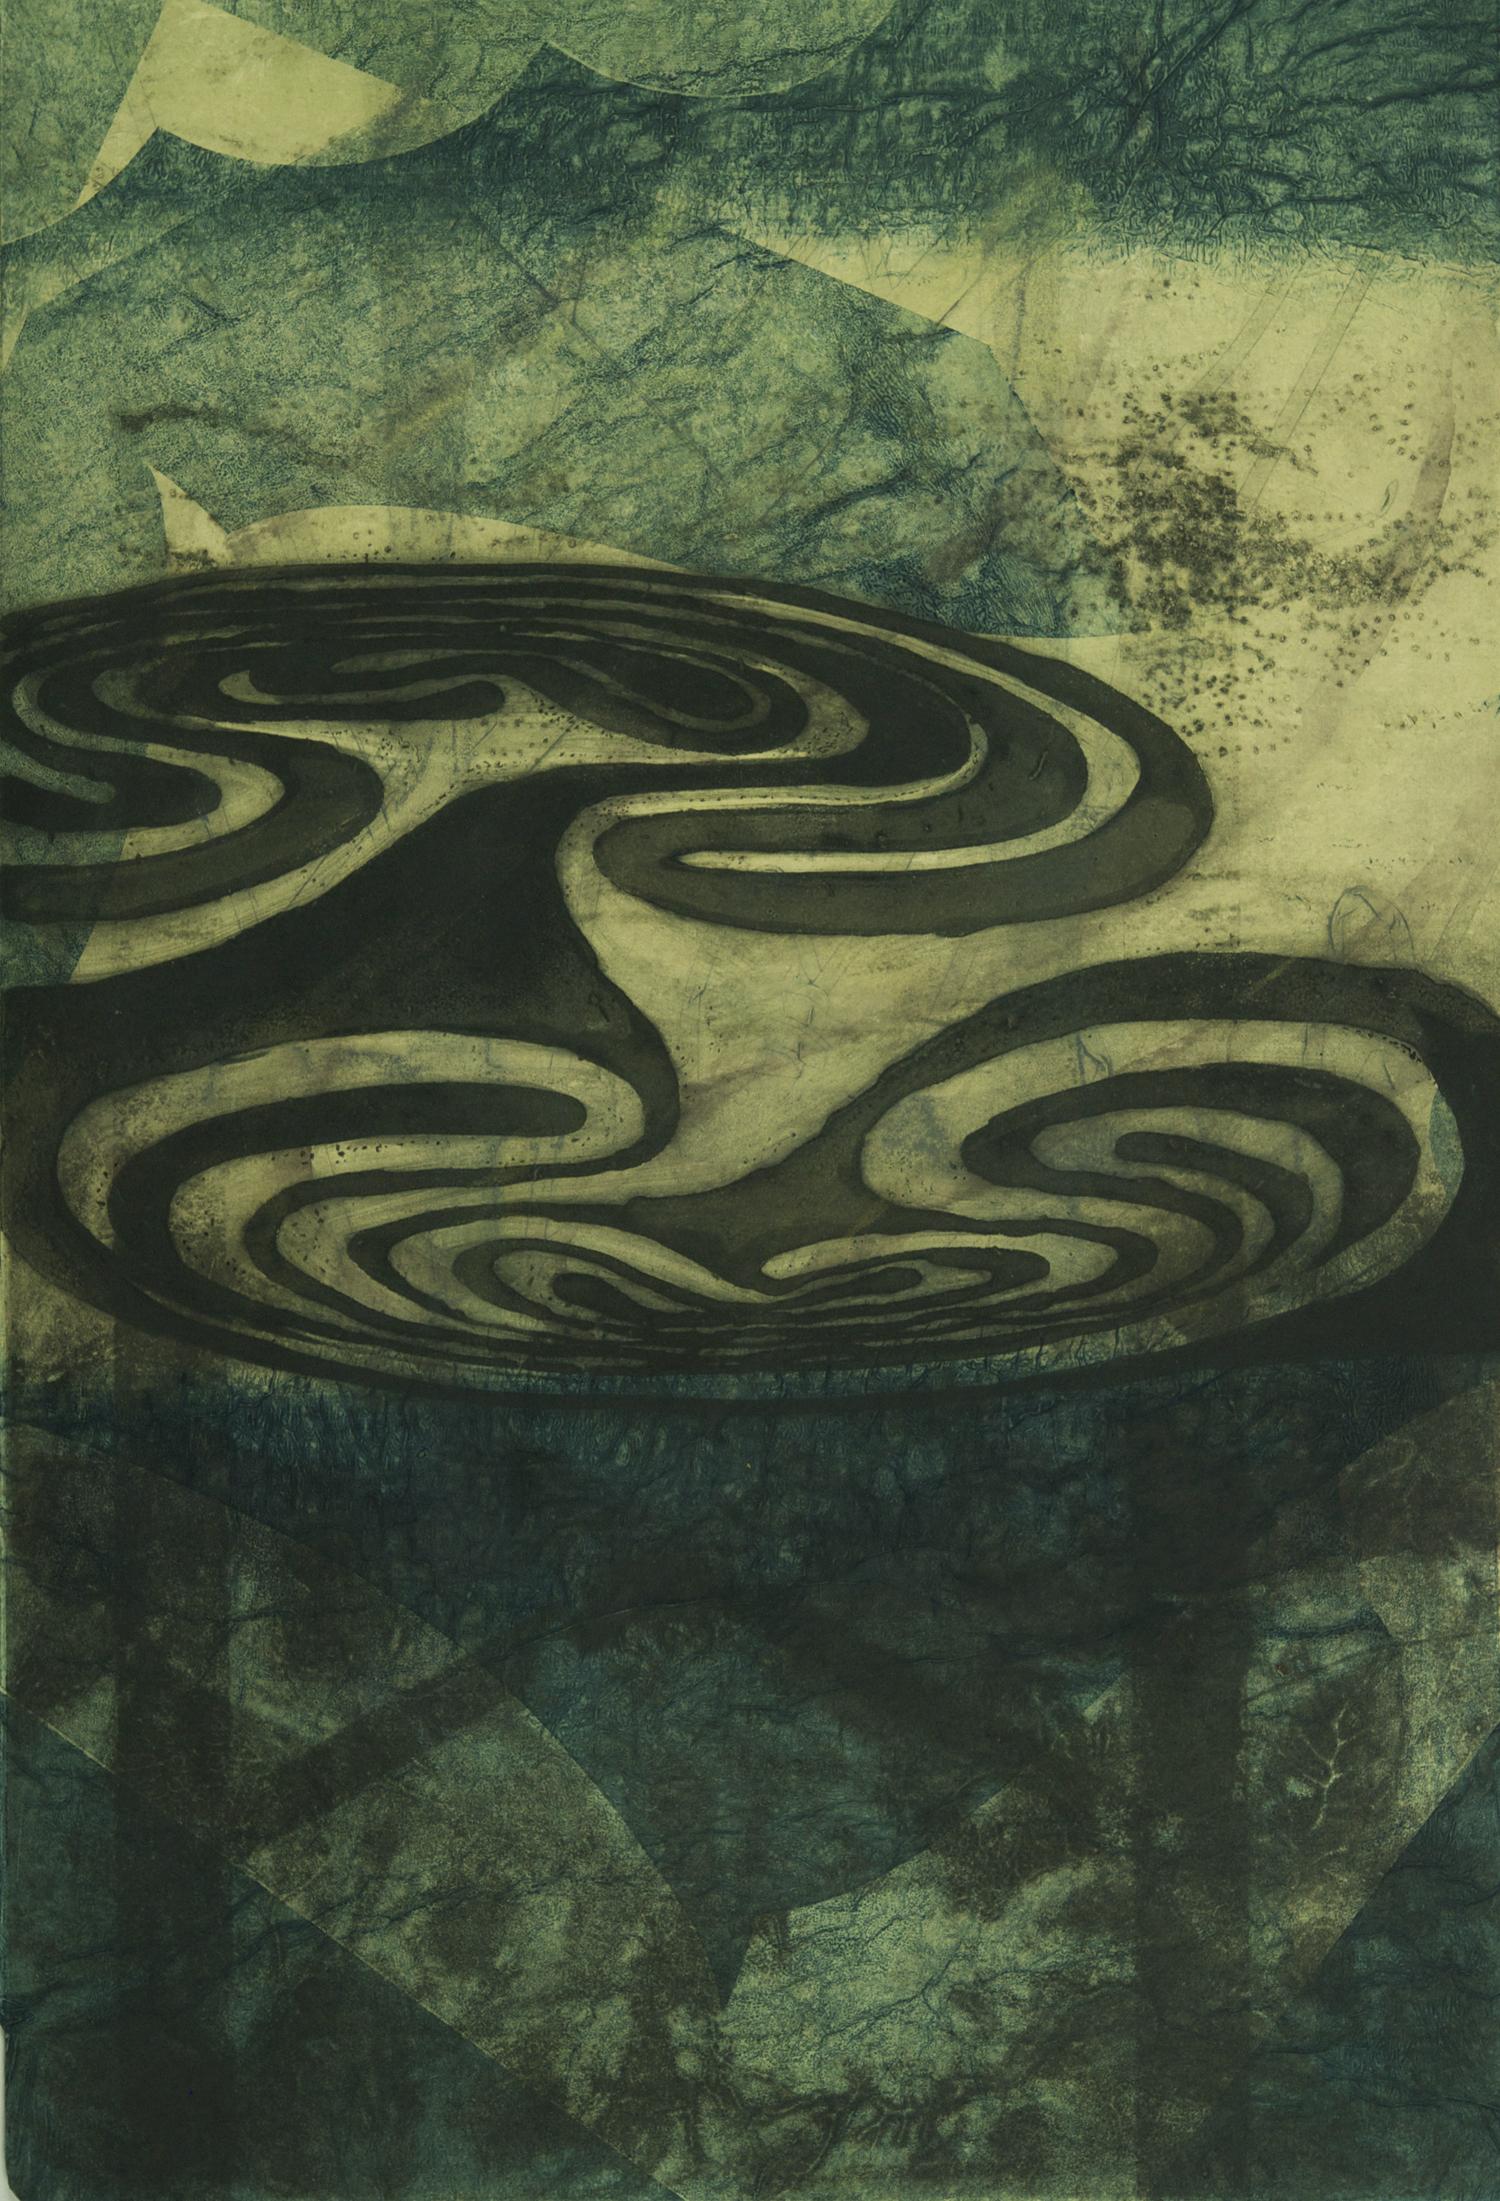 Mist Aeries